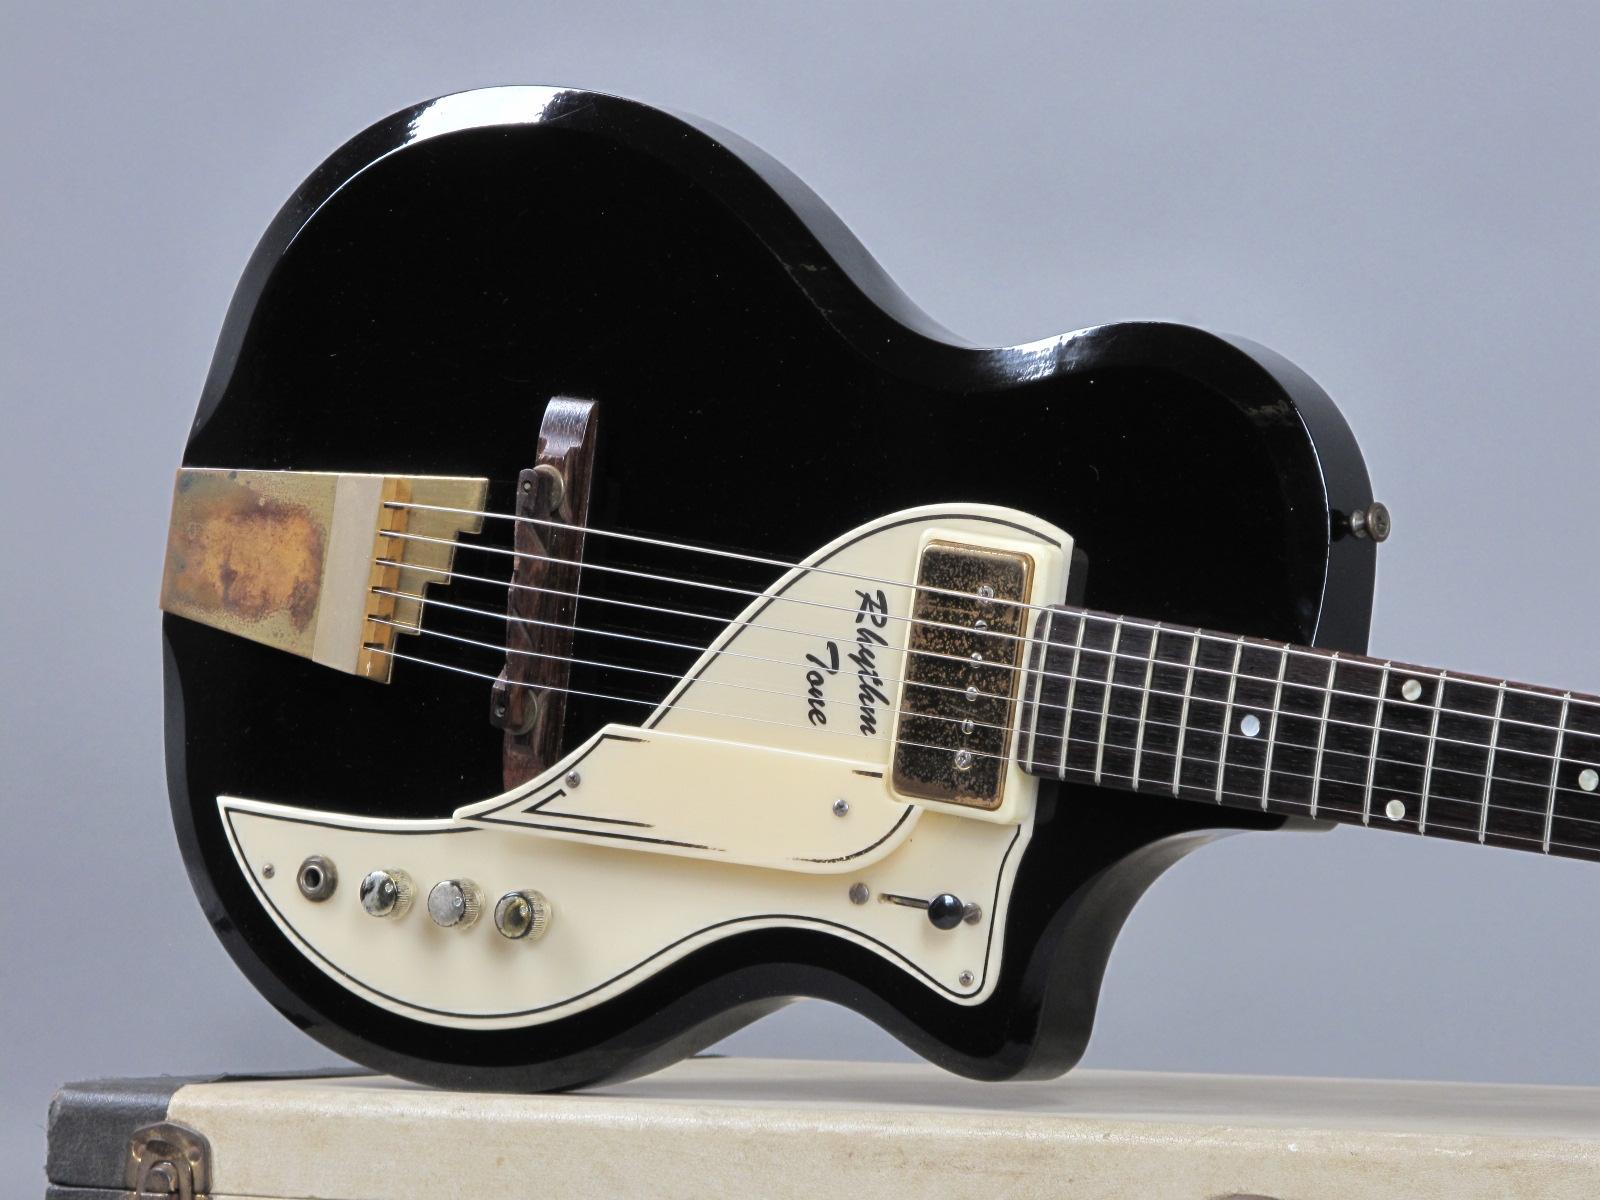 https://guitarpoint.de/app/uploads/products/1958-supro-rhythm-tone-black/1958-Supro-Rhythm-Tone-Black-X87112_19.jpg